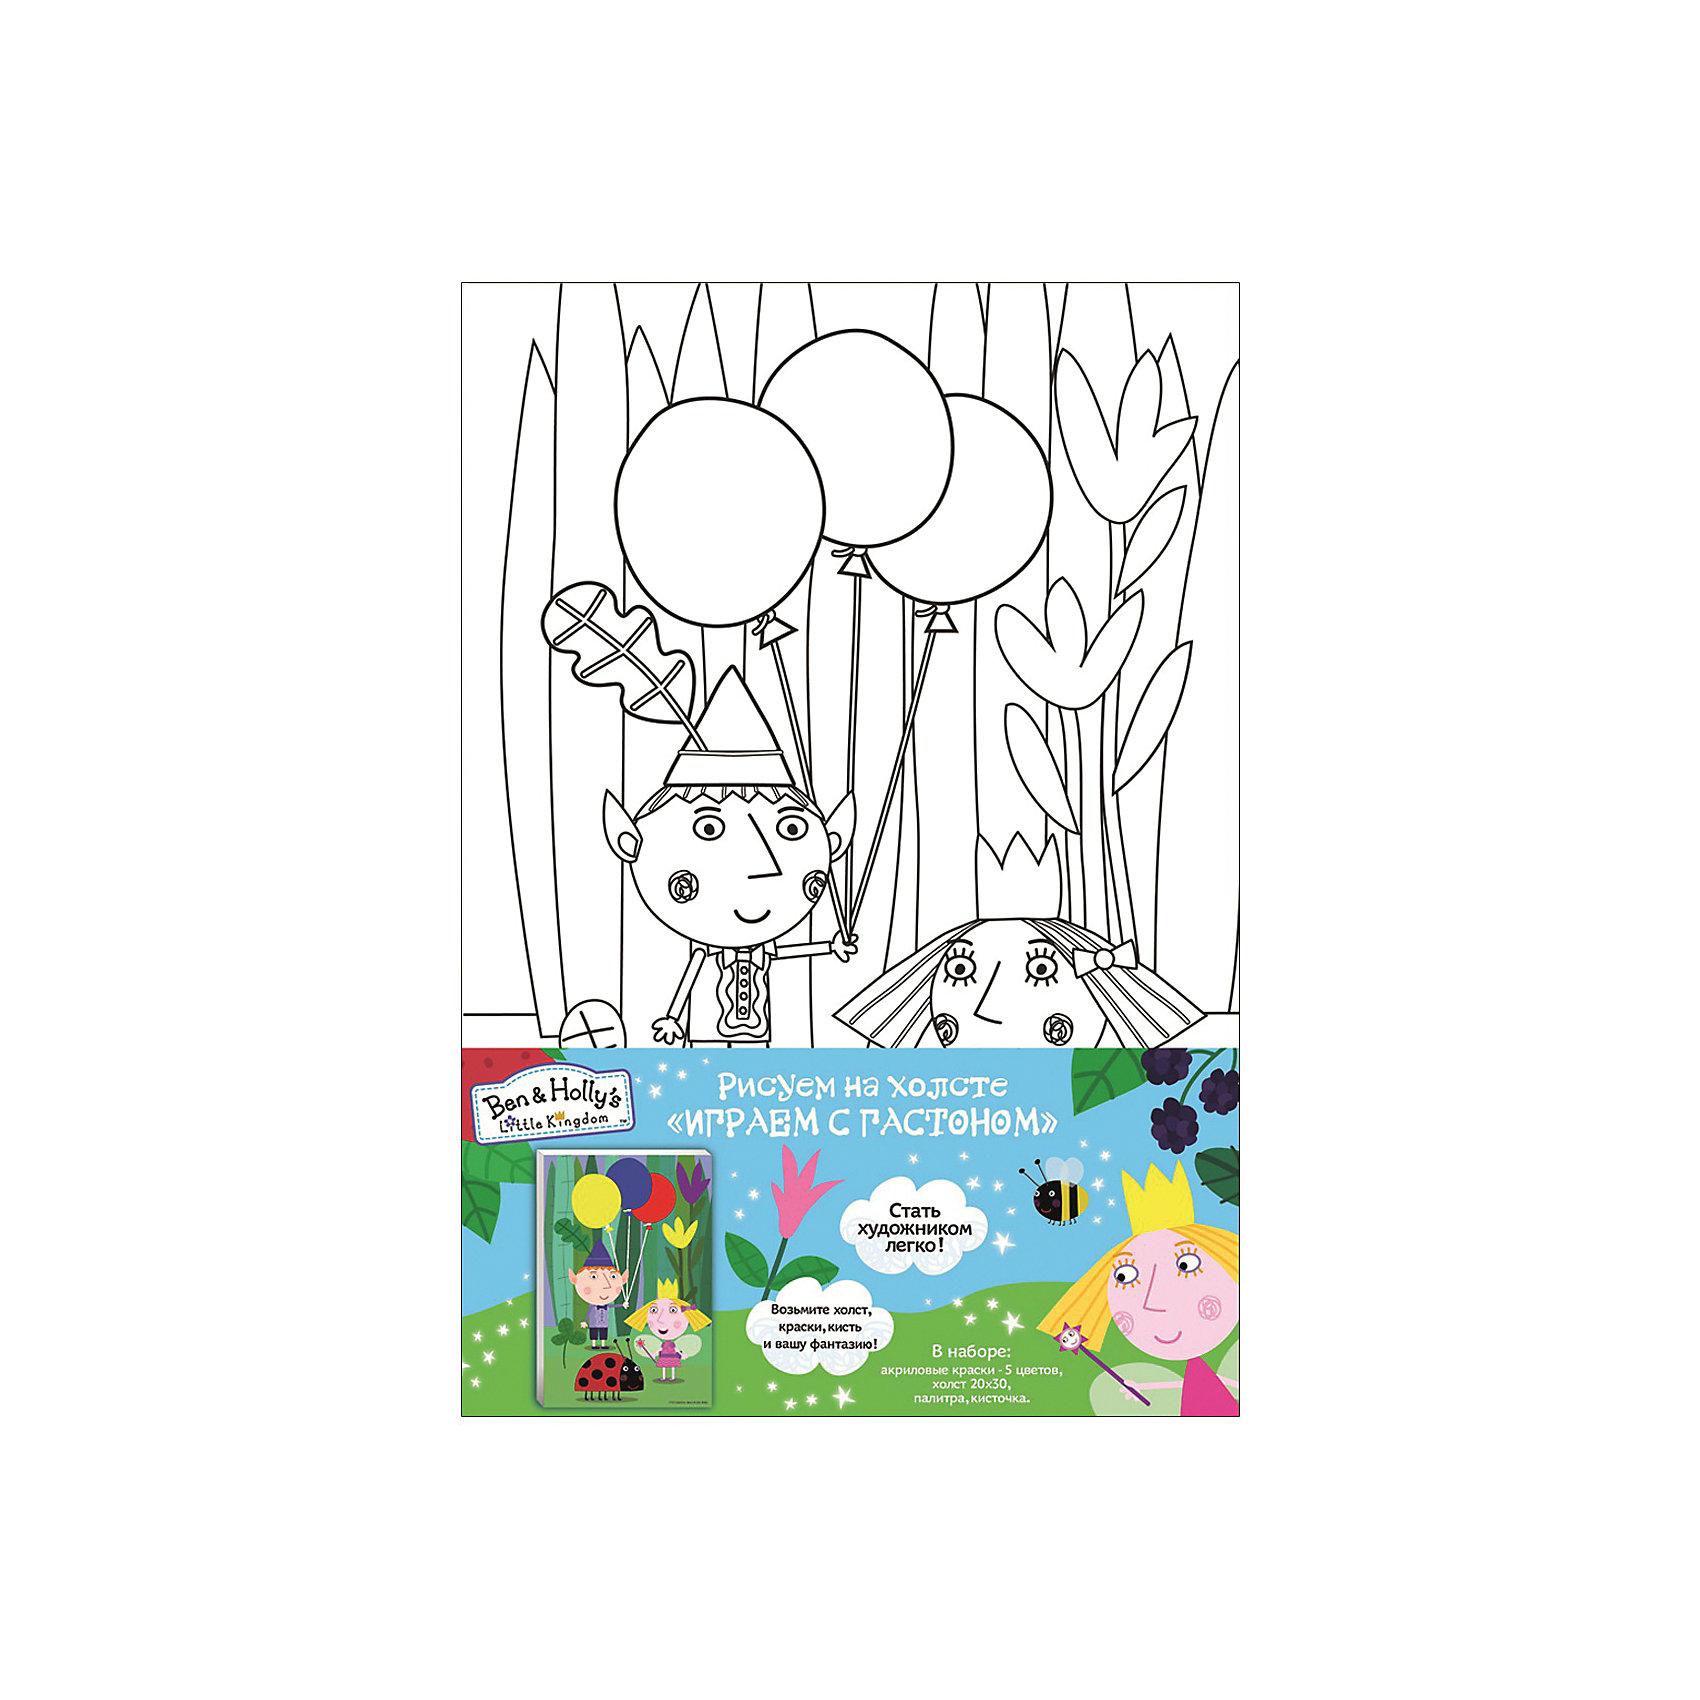 Роспись по холсту Играем с Гастоном, Бен и ХоллиБен и Холли<br>Характеристики товара:<br><br>• количество цветов: 5 шт.<br>• комплект: холст с контурным рисунком, натянутый на деревянную рамку (20х30 см), краски в металлических тубах, палитра, кисточка<br>• размер картинки: 20х30 см<br>• акриловые краски легко ложатся на холст, быстро сохнут, хорошо растворяются в воде, после высыхания становятся водонепроницаемыми<br>• состав: 100% хлопок, картон, пластик<br>• страна бренда: Россия<br>• страна изготовитель: Китай<br><br>В набор для творчества входит все, чтобы создать настоящее произведение искусства своими руками: холст с нанесенными контурами рисунка, краски, палитра, кисточка. Можно раскрасить рисунок по образцу. Смешивая краски, юный художник получит новые цвета и оттенки. Ткань обработана специальным составом, который обеспечивает нанесение красок равномерным слоем.<br><br>Роспись по холсту Играем с Гастоном, Бен и Холли, вы можете приобрести в нашем интернет-магазине.<br><br>Ширина мм: 300<br>Глубина мм: 200<br>Высота мм: 150<br>Вес г: 190<br>Возраст от месяцев: 36<br>Возраст до месяцев: 2147483647<br>Пол: Унисекс<br>Возраст: Детский<br>SKU: 5453445